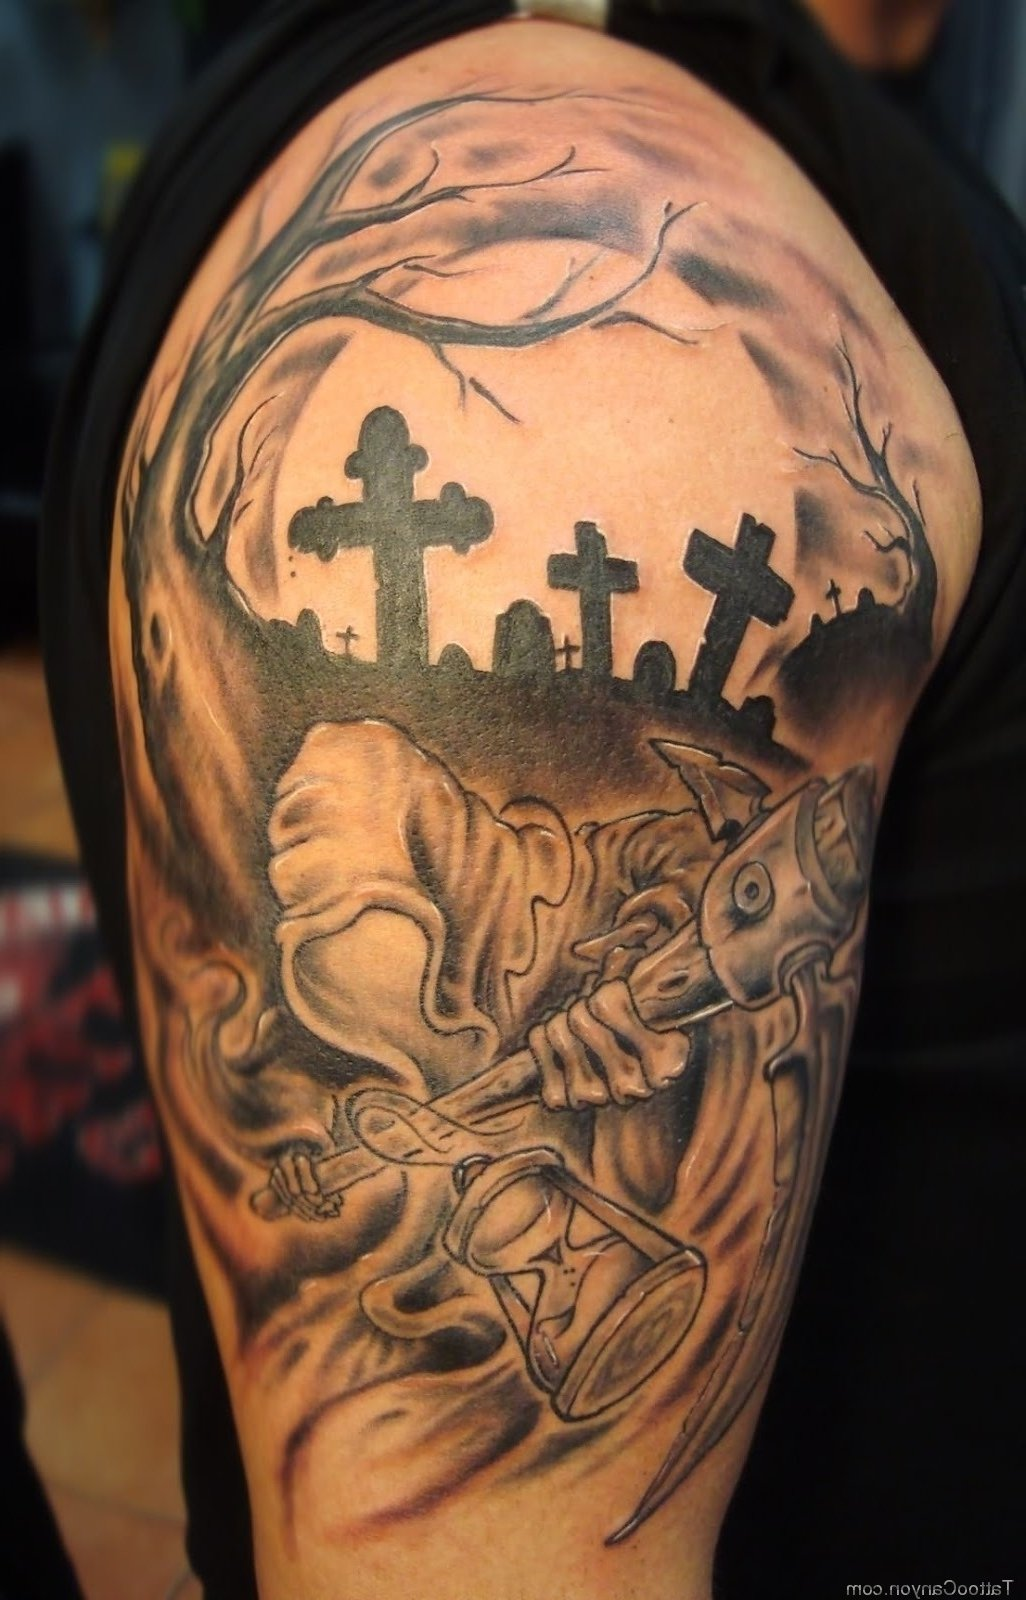 10 Perfect Unique Tattoo Ideas For Men unique tattoo ideas men best tattoo design